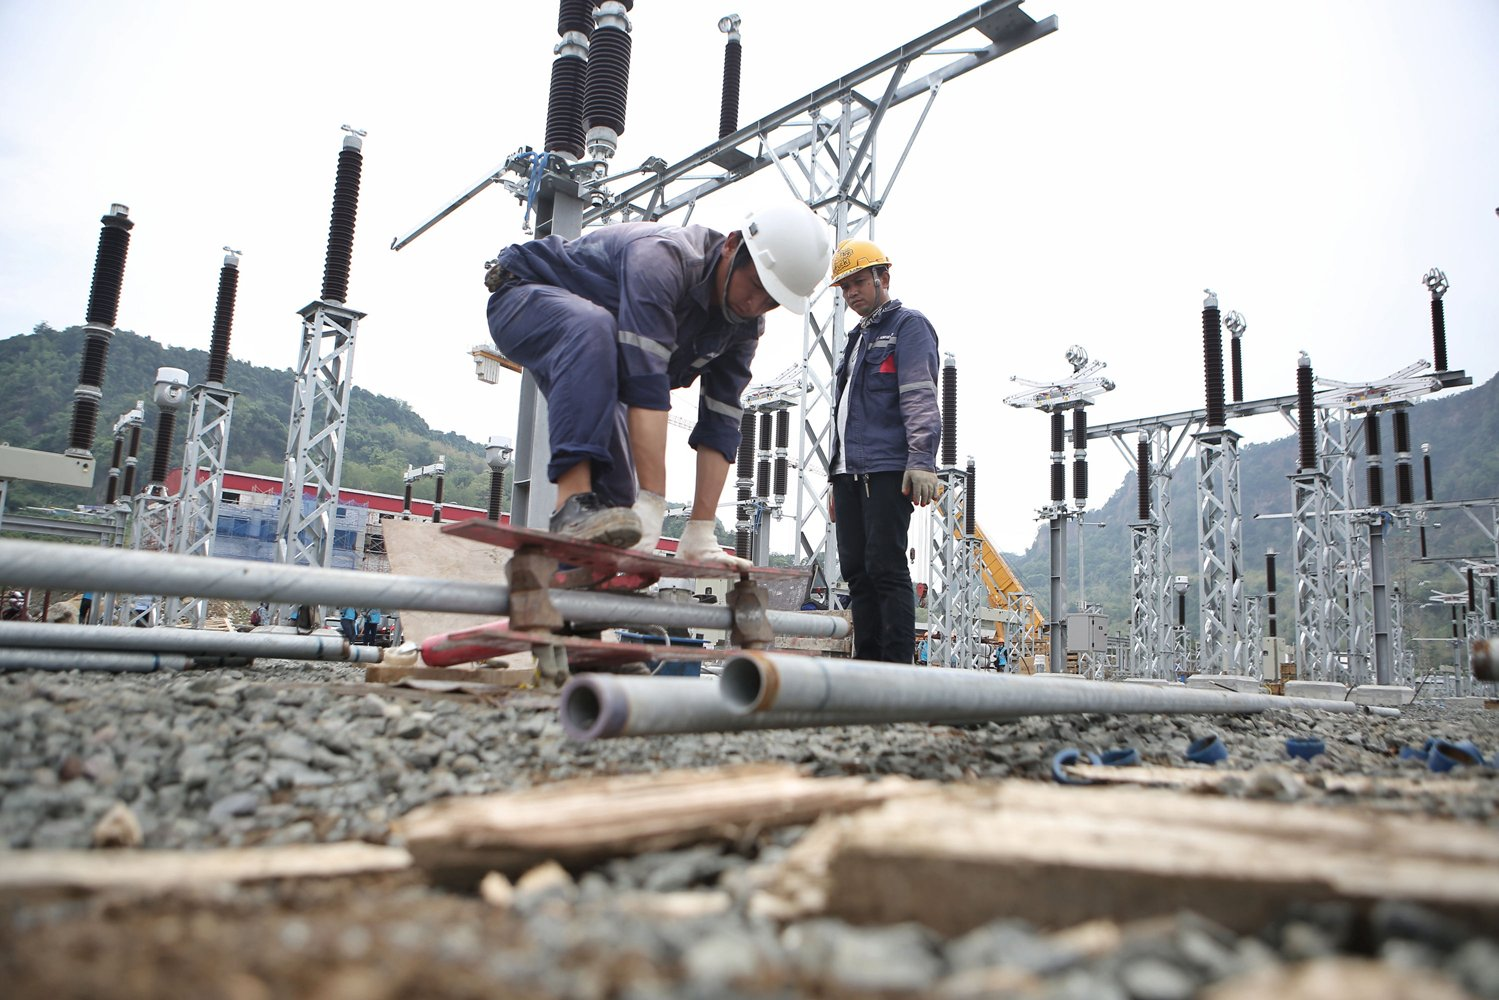 Proyek PLTA Jatigede 2 x 55 megawatt (MW) ini dapat mendukung upaya pemerintah mencapai rasio elektrifikasi100% pada tahun 2020.